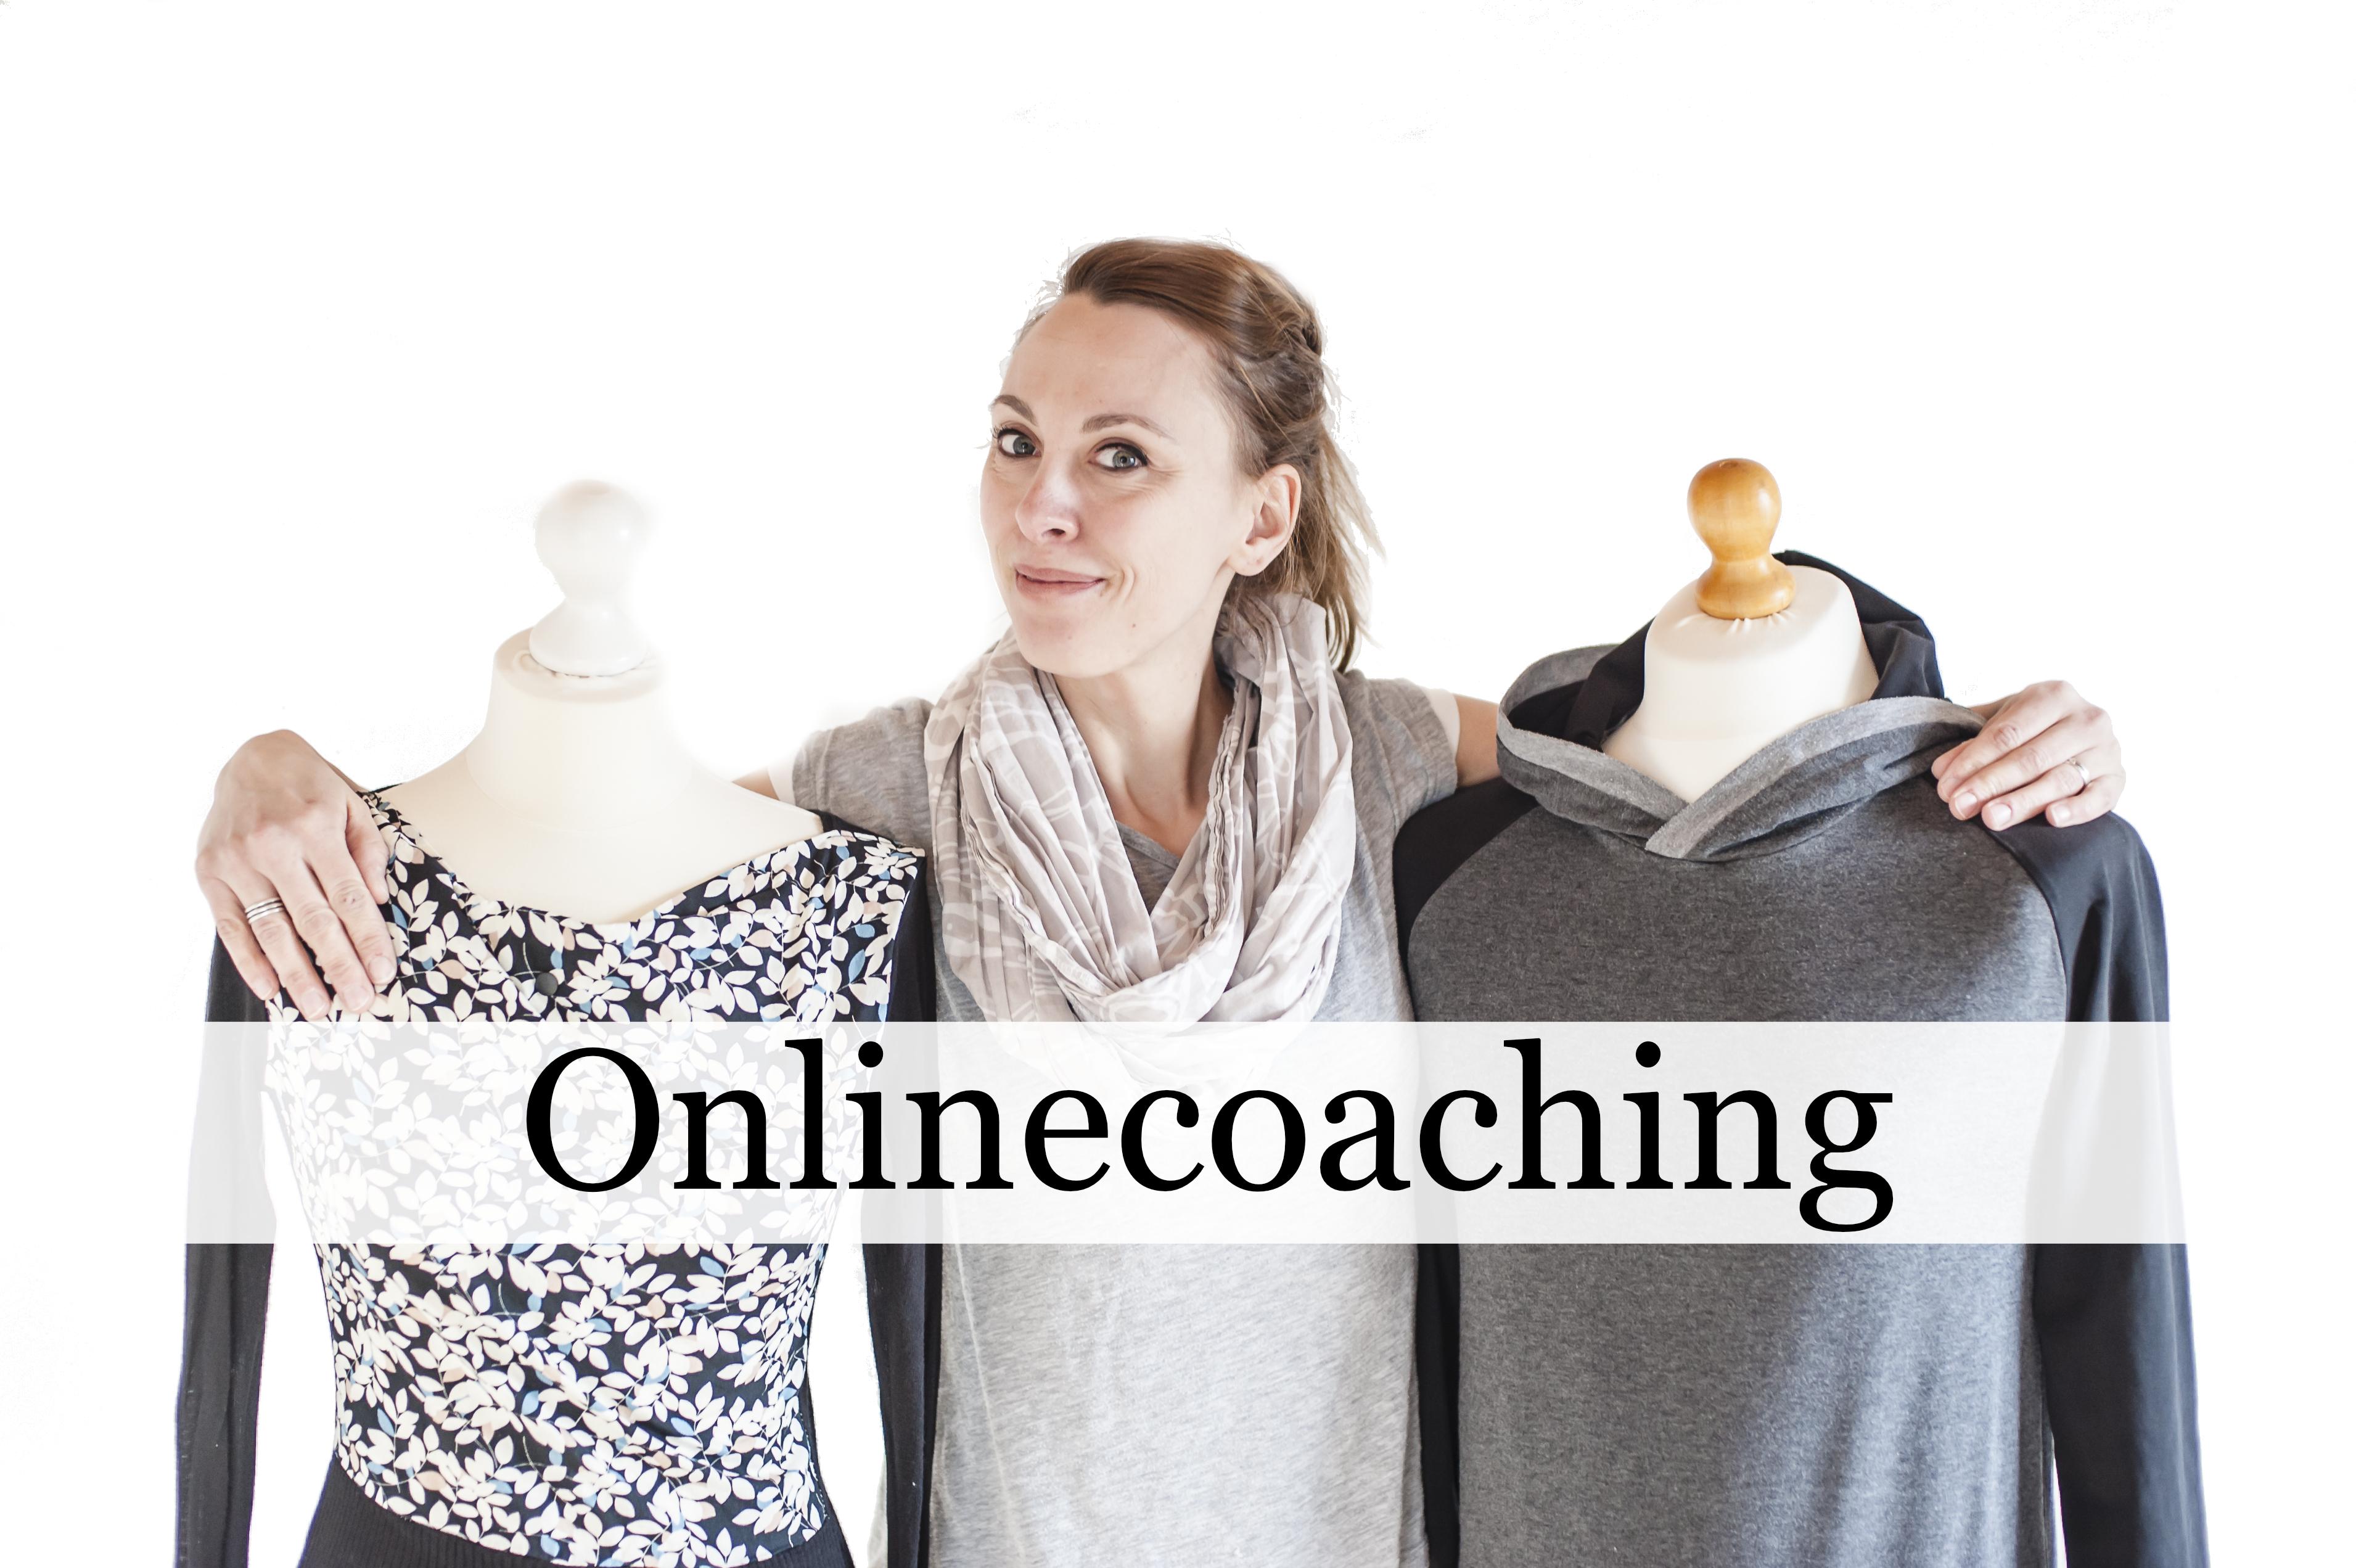 einfach nähen | Onlinecoach